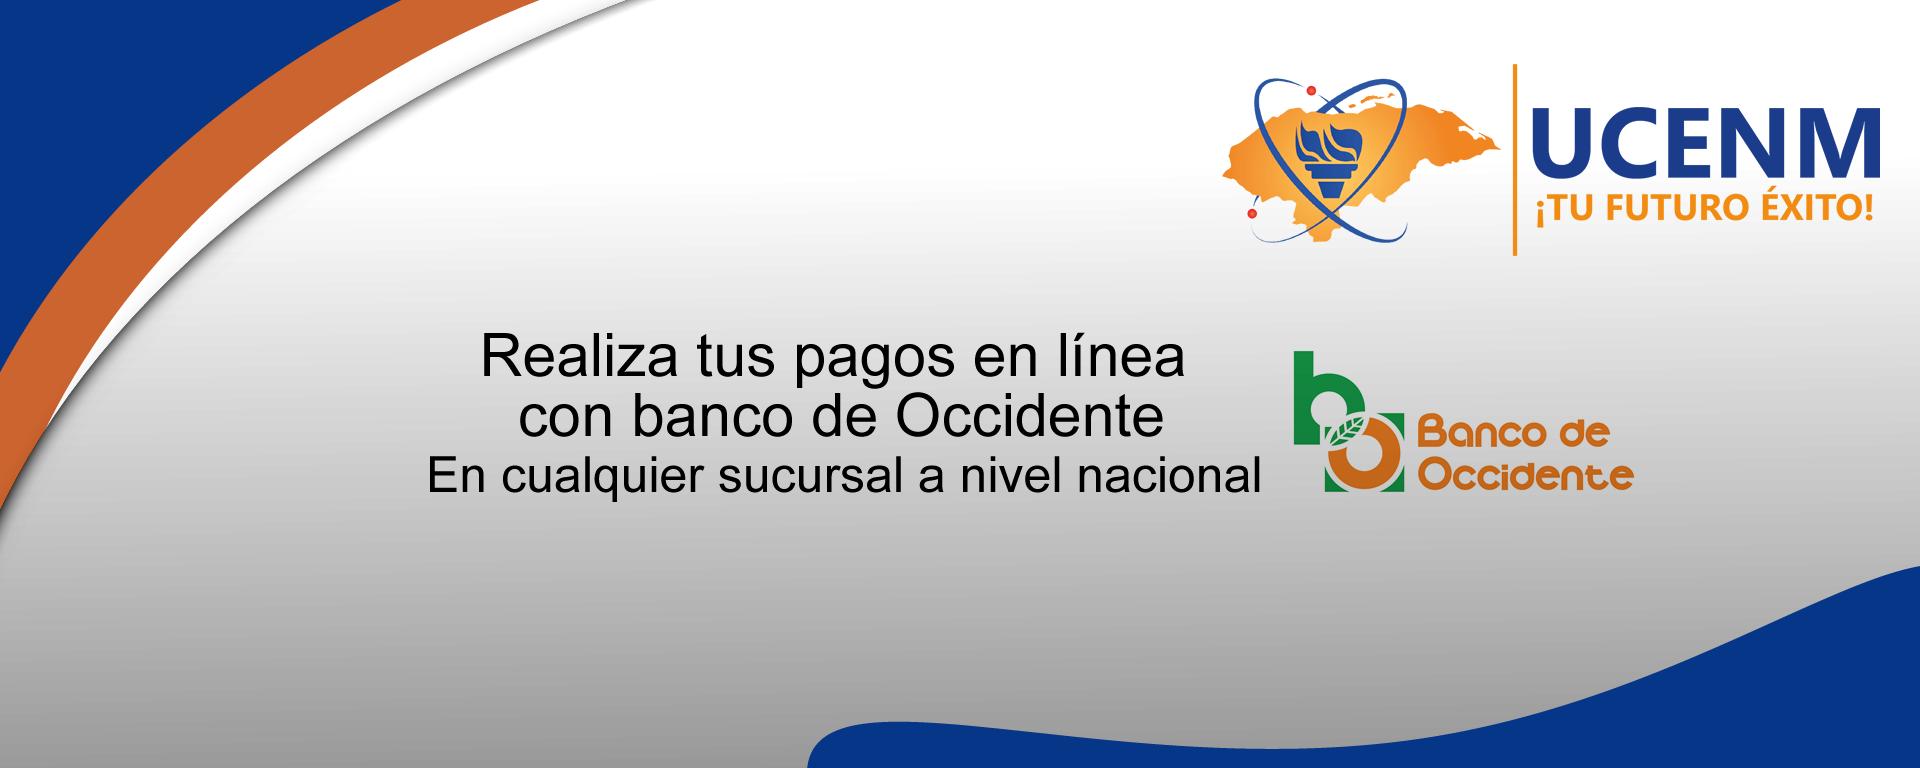 artes_pagos_en_linea_web_page